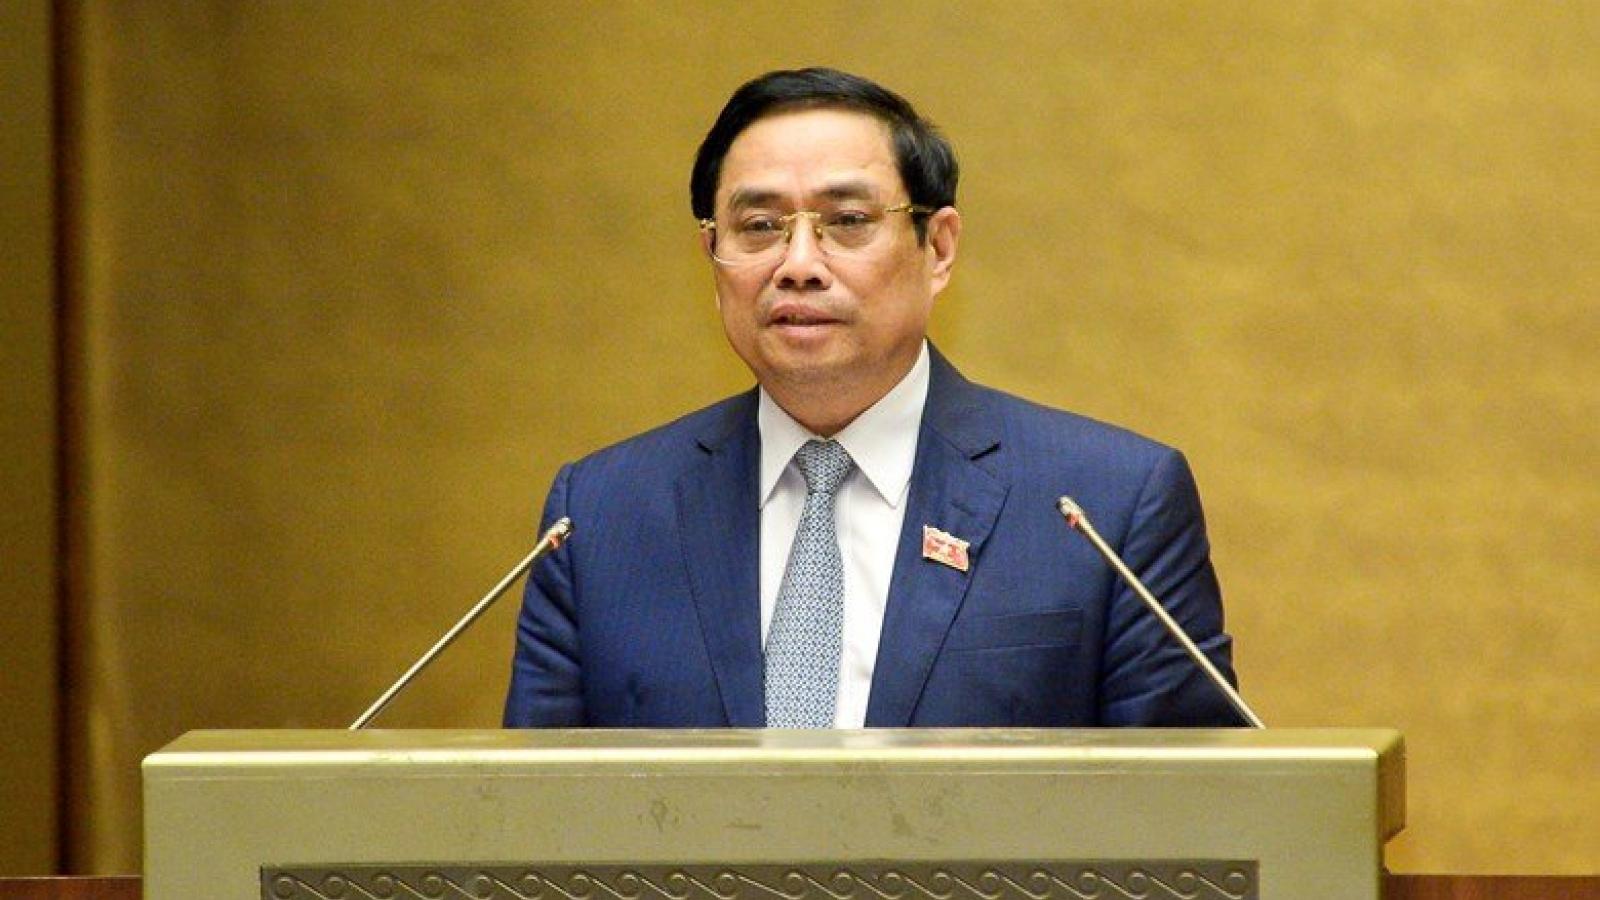 Thủ tướng trình cơ cấu Chính phủ khóa XV, giữ nguyên 18 bộ và 4 cơ quan ngang bộ